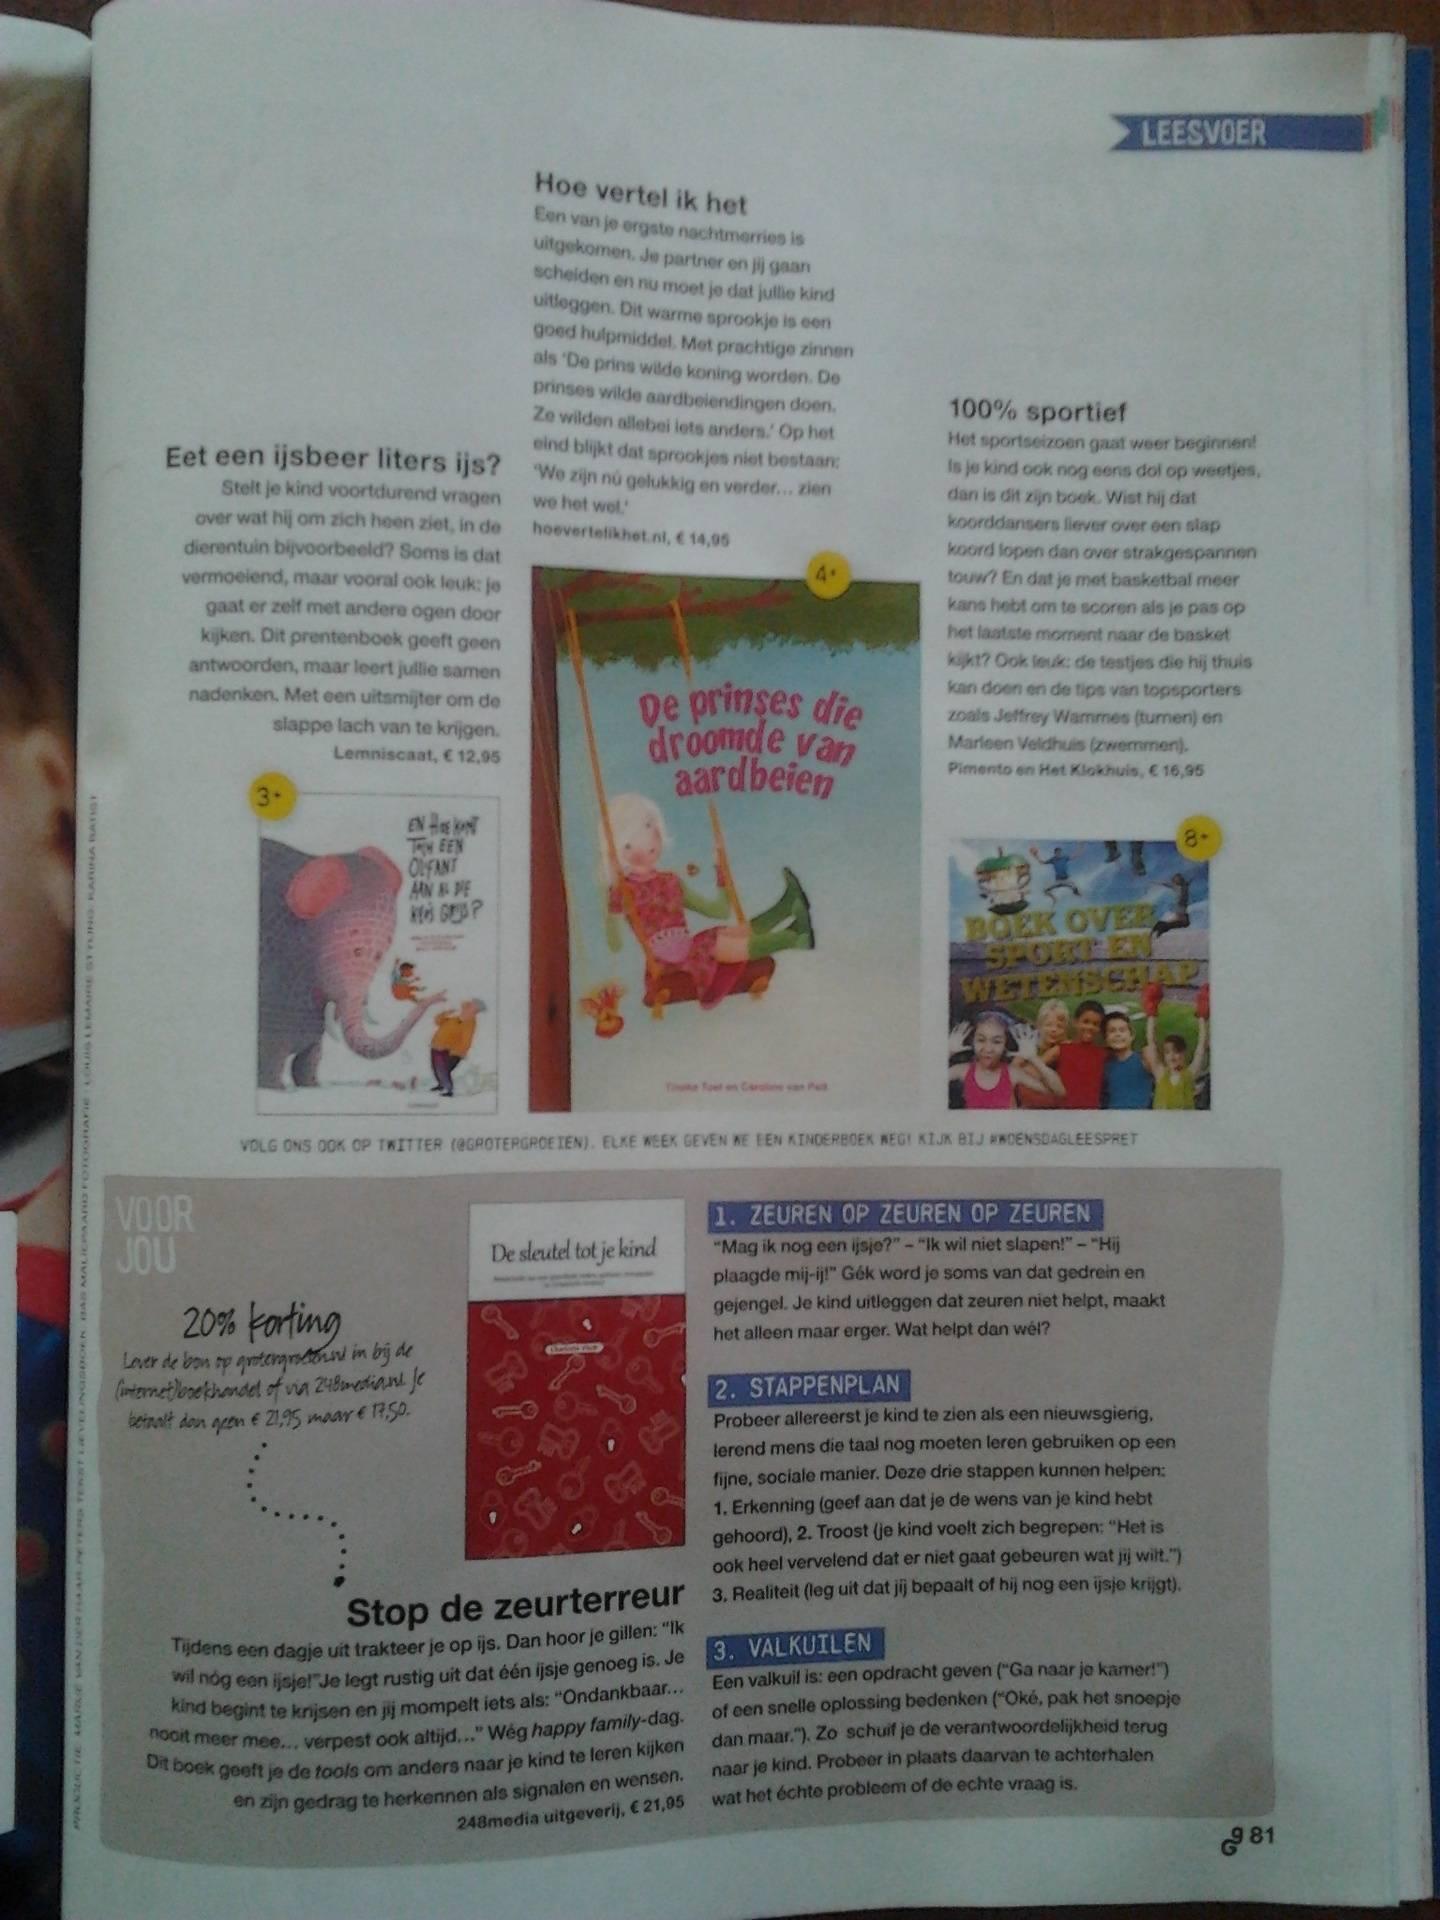 Artikel in het maandblad 'Groter Groeien'.